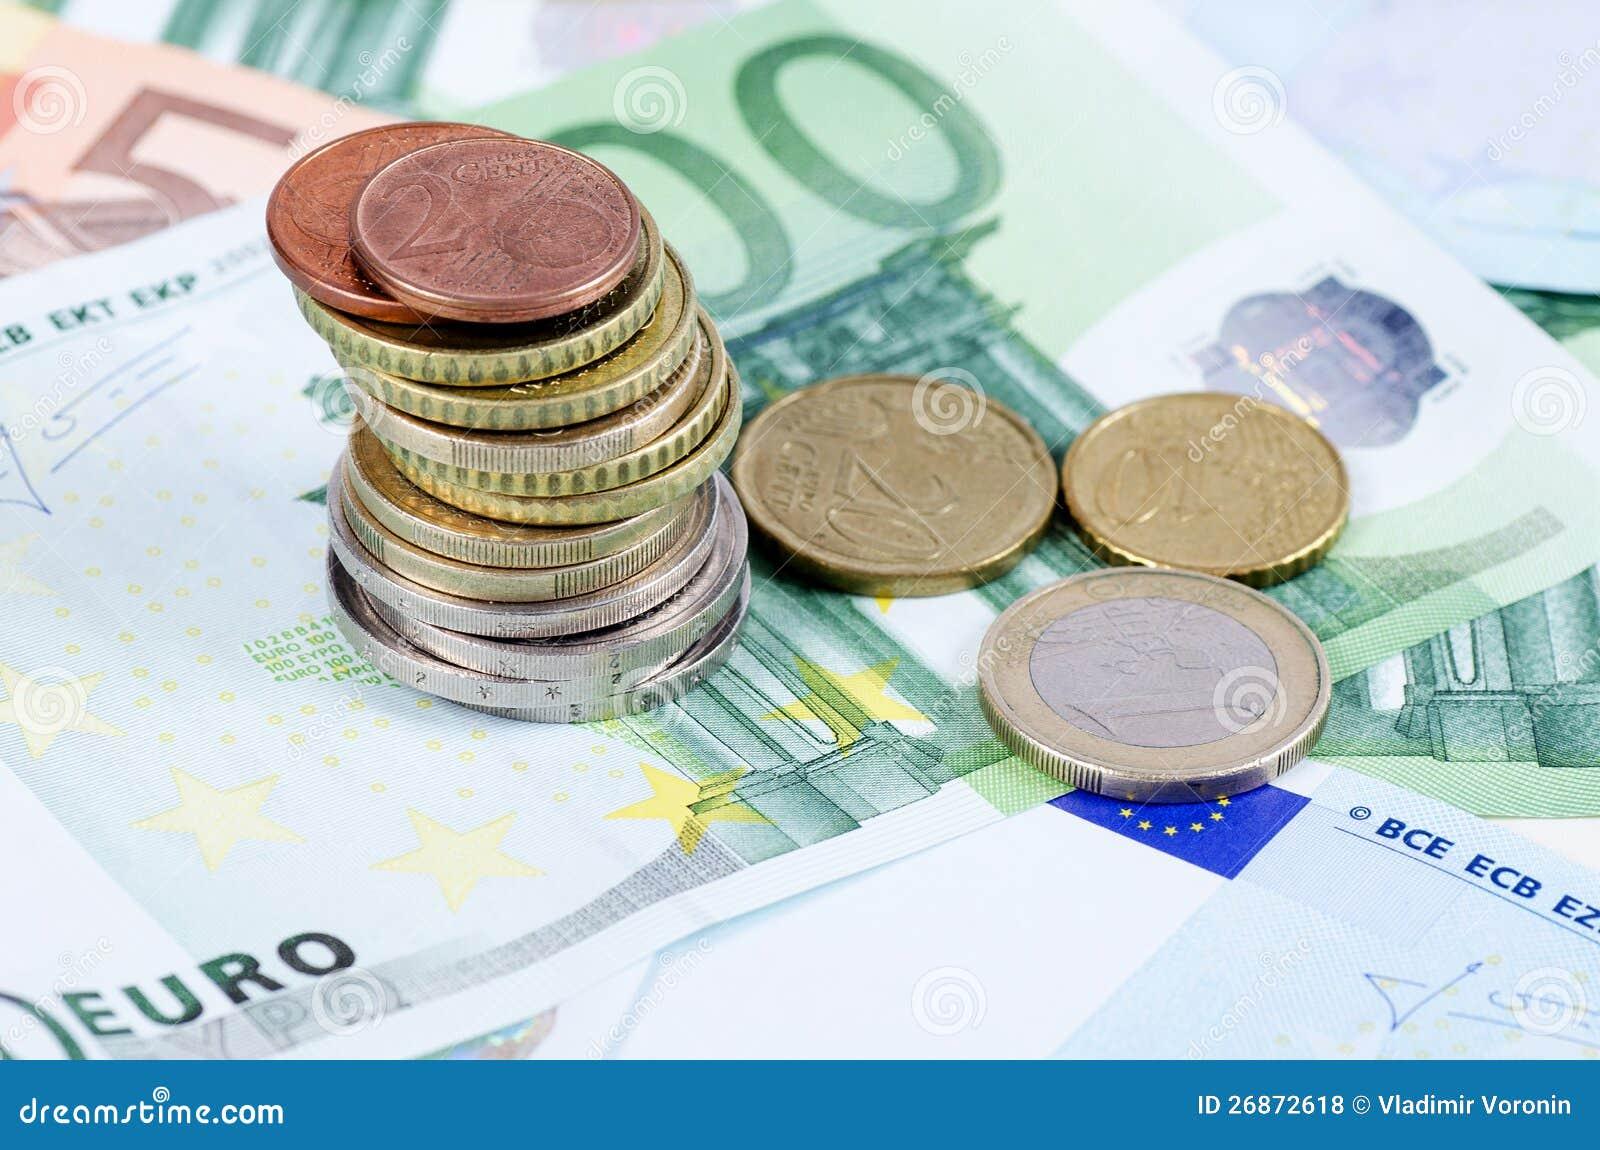 Various Euro International Discotheque